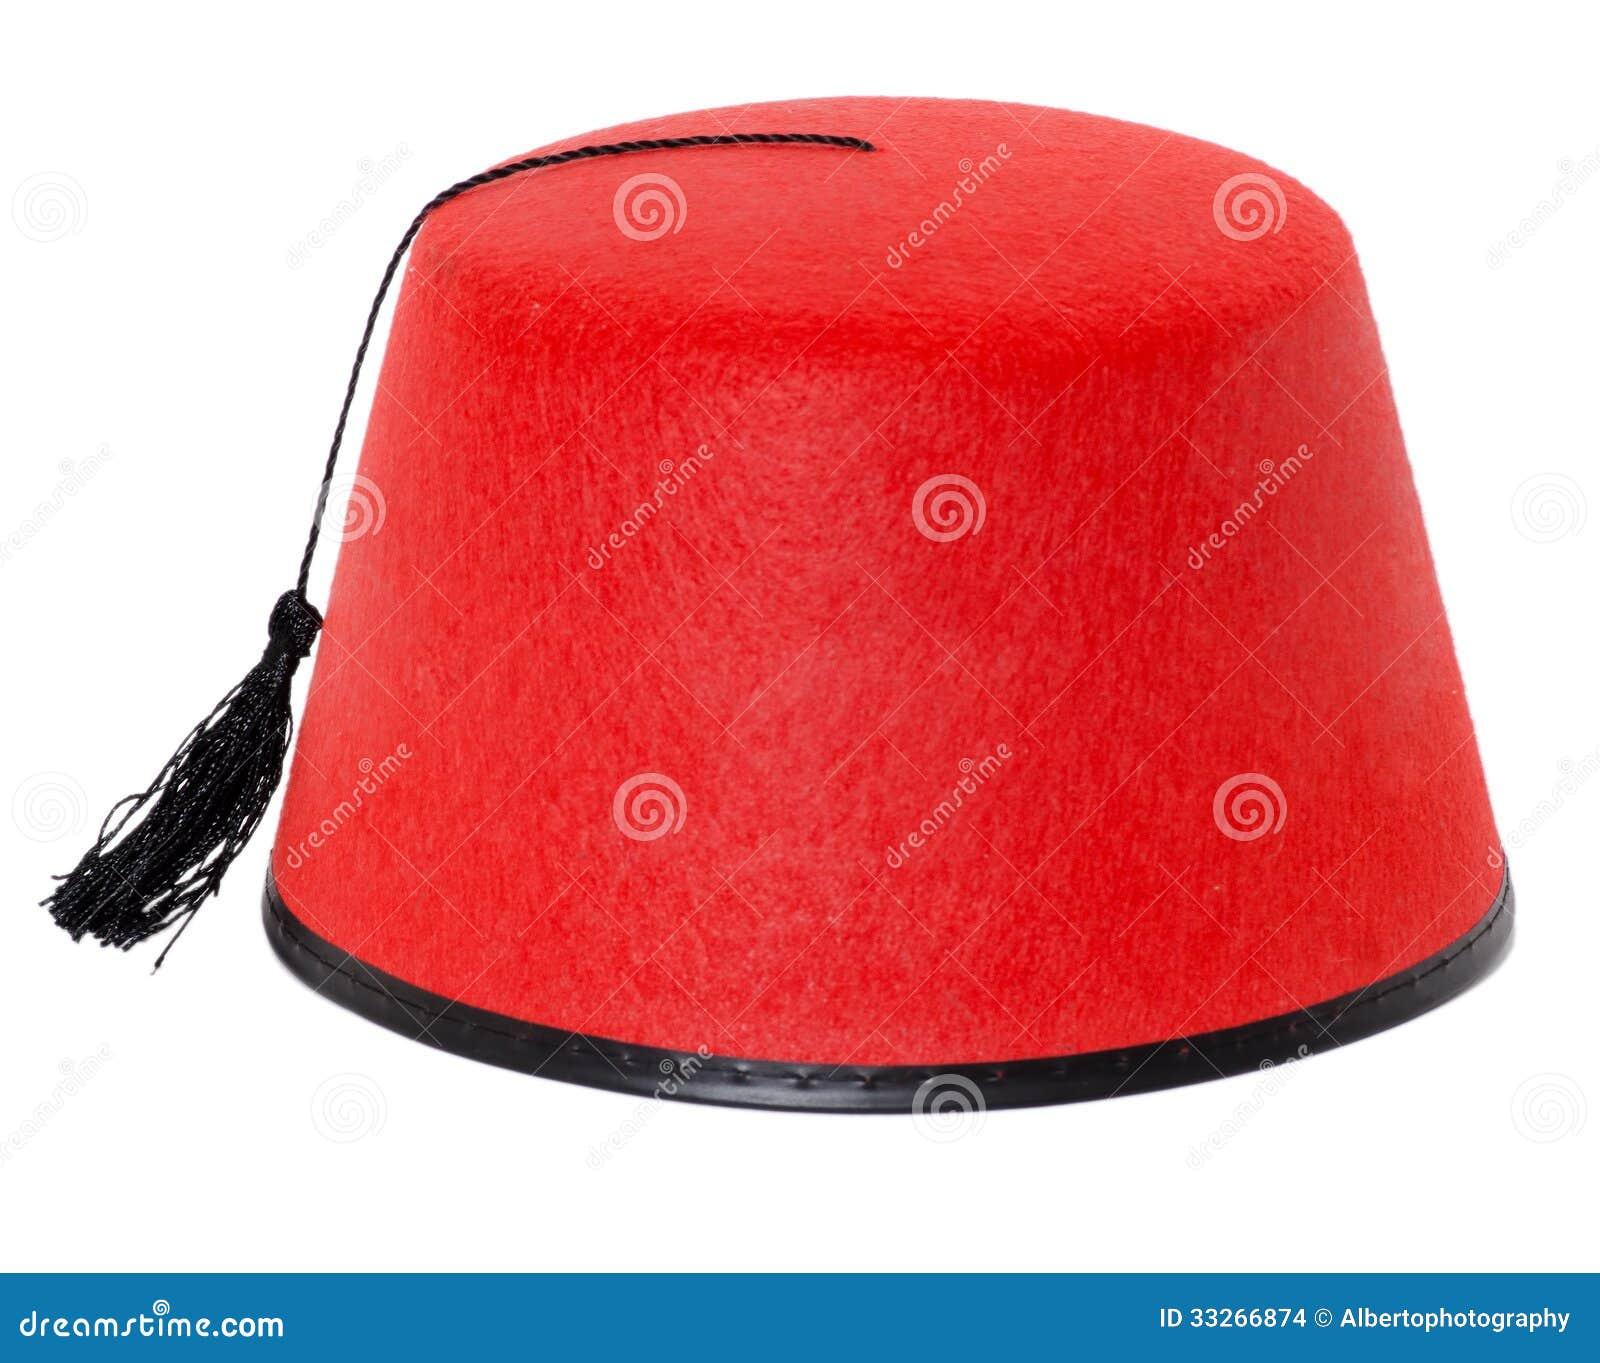 Fez turkse hoed stock afbeeldingen afbeelding 33266874 - Pouf eigentijds ontwerp ...